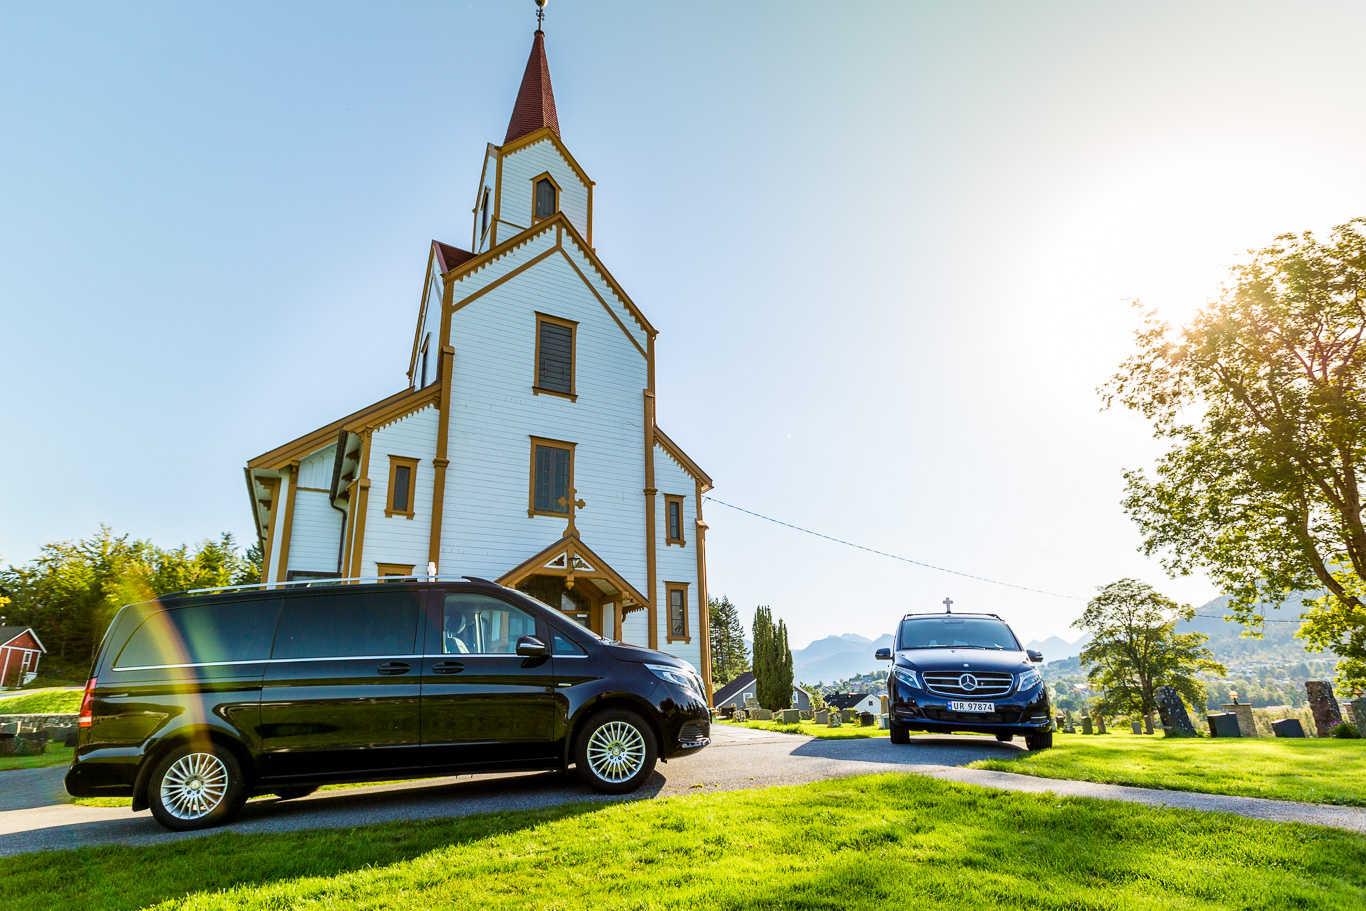 Vestnes Begravelsesbyrå tilbyr videooverføring av gravferder. (Foto: Vestnes Begravelsesbyrå)